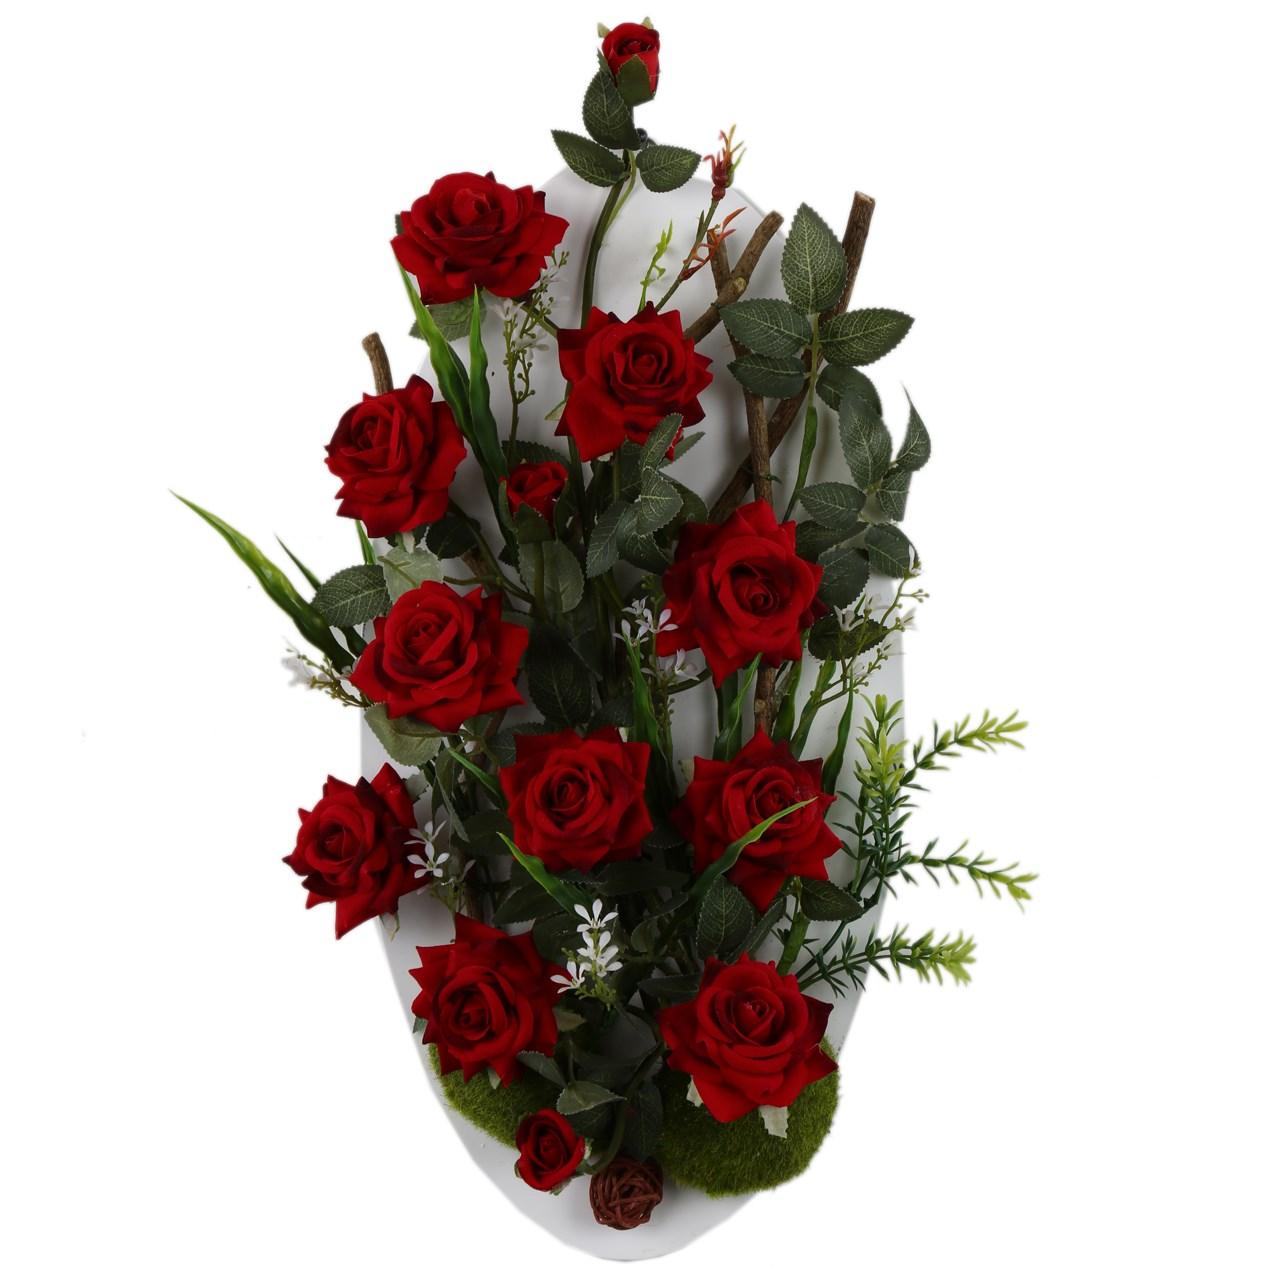 تابلو گل مصنوعی هومز طرح رز قرمز مدل 32582